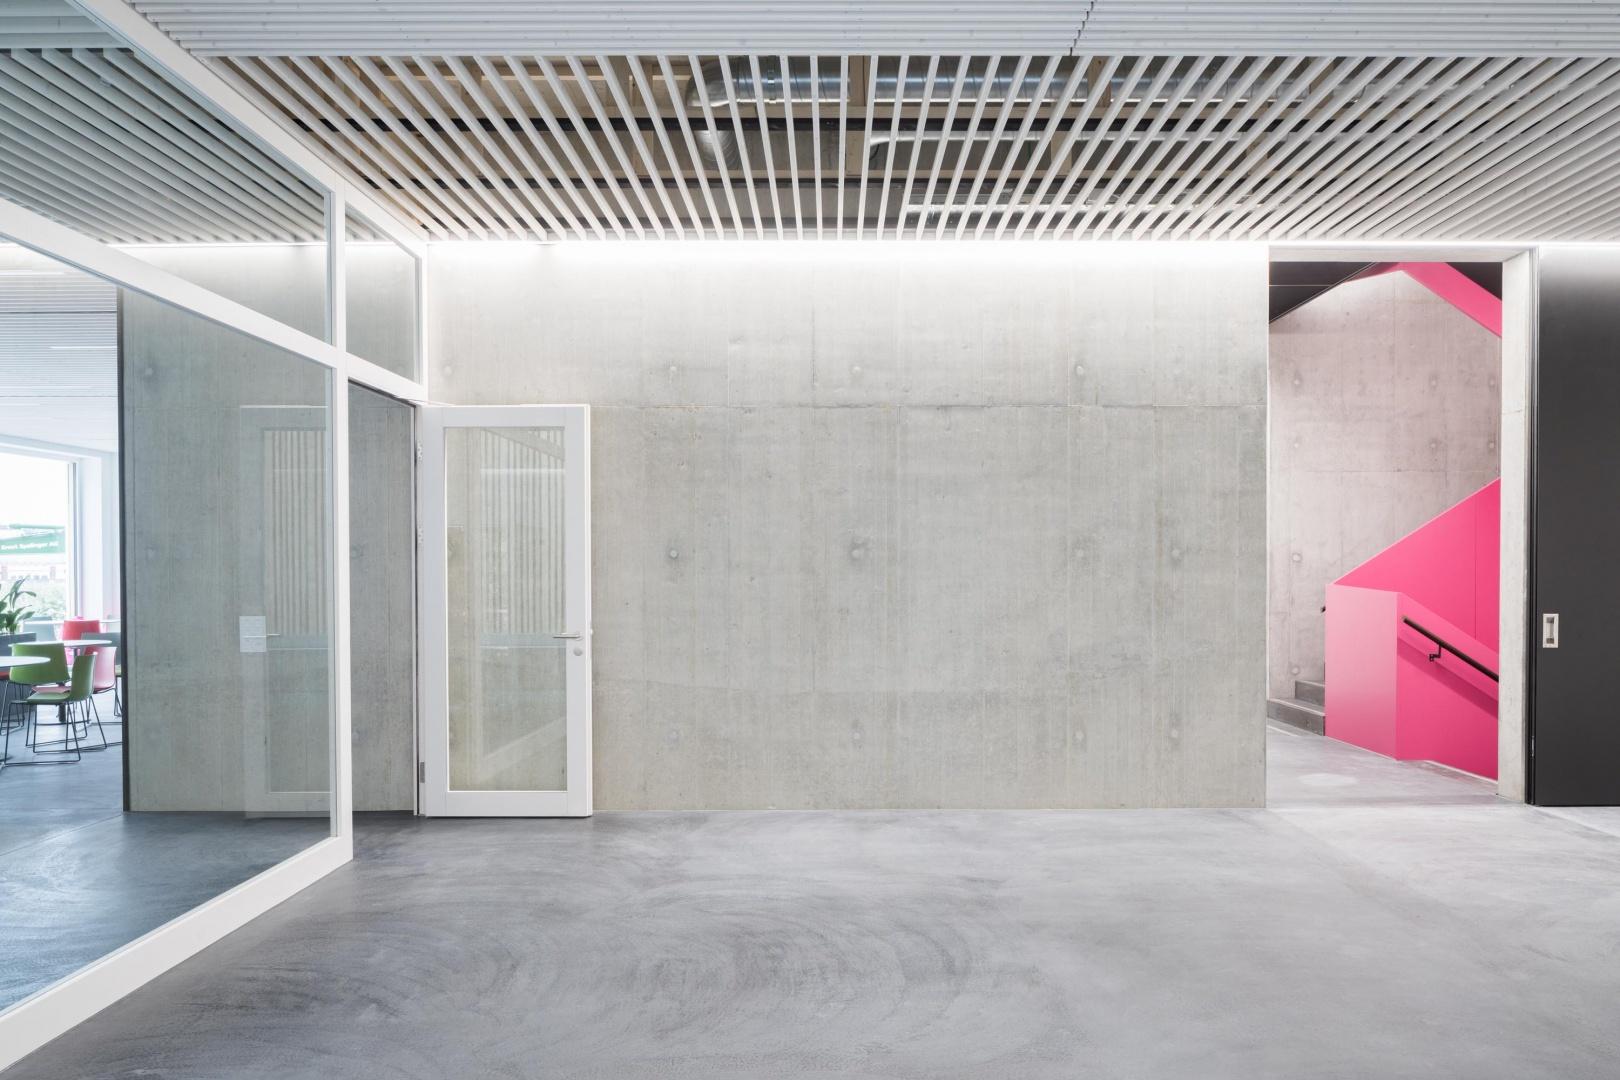 Eingang Bürogebäude 3-Plan © Architektur: Bob Gysin Partner, Zürich; Fotografie: Dominique Marc Wehrli, Winterthur